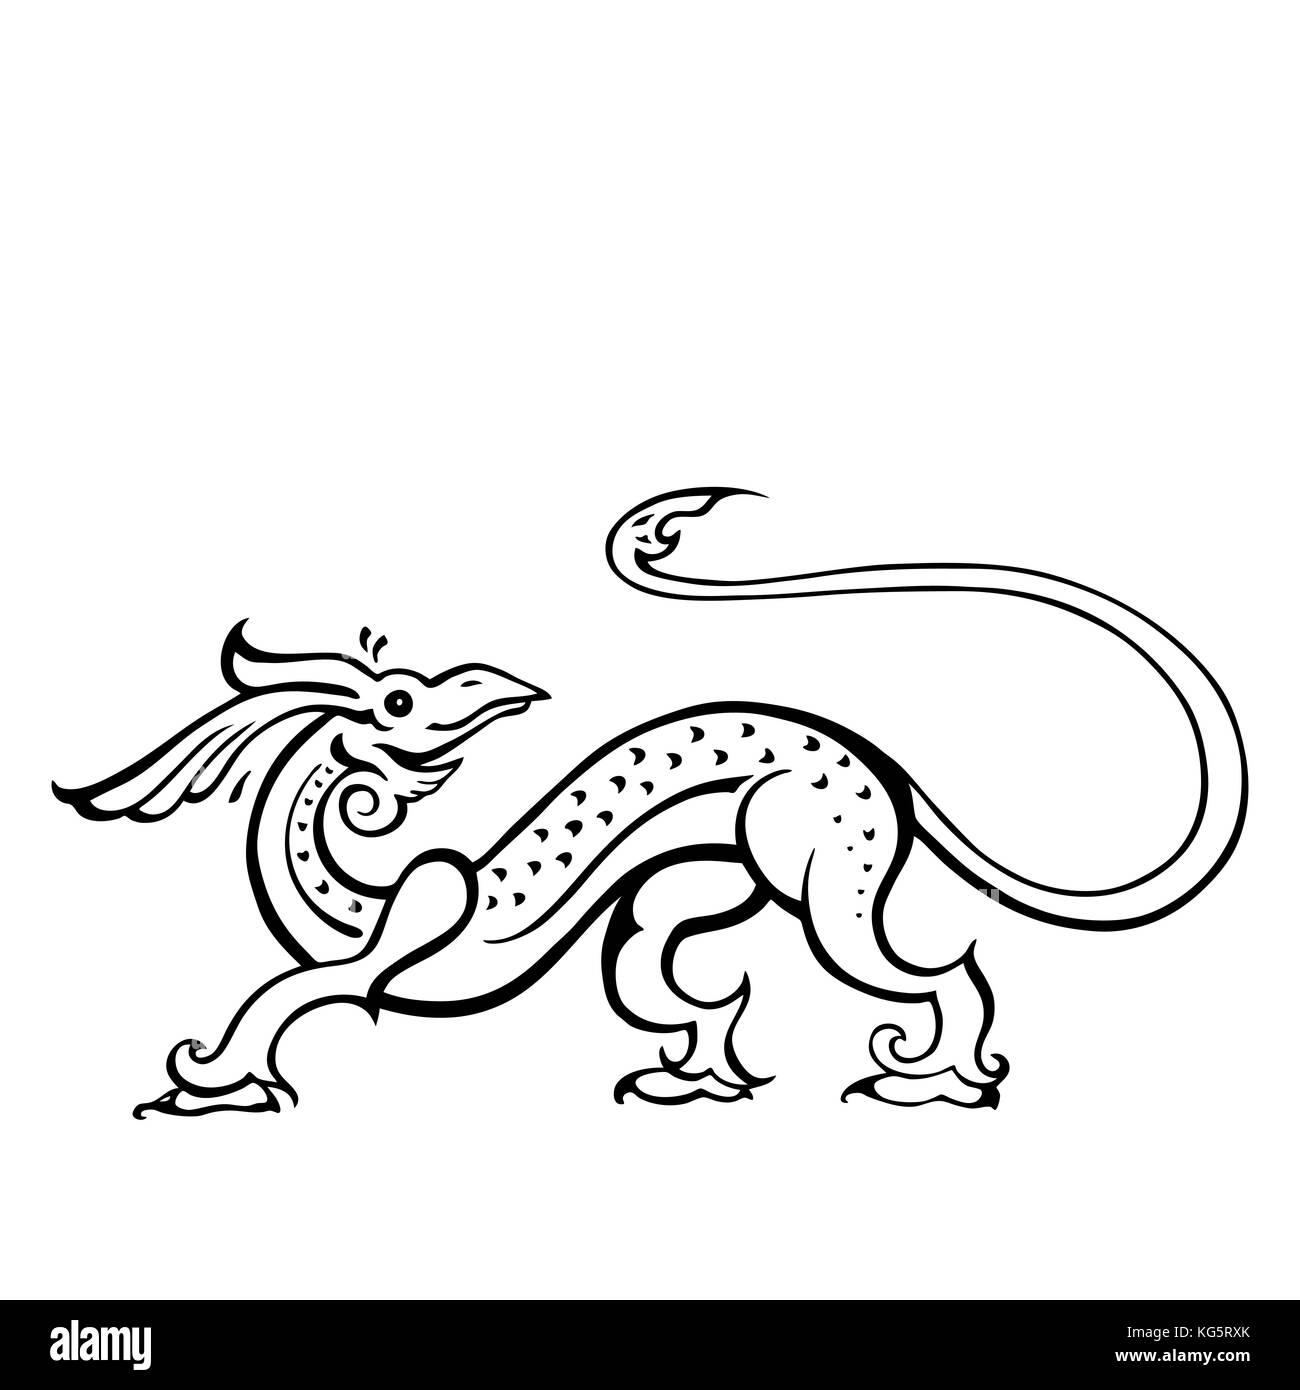 Ziemlich Malvorlagen Wie Man Deinen Drachen Ausbildet Bilder ...